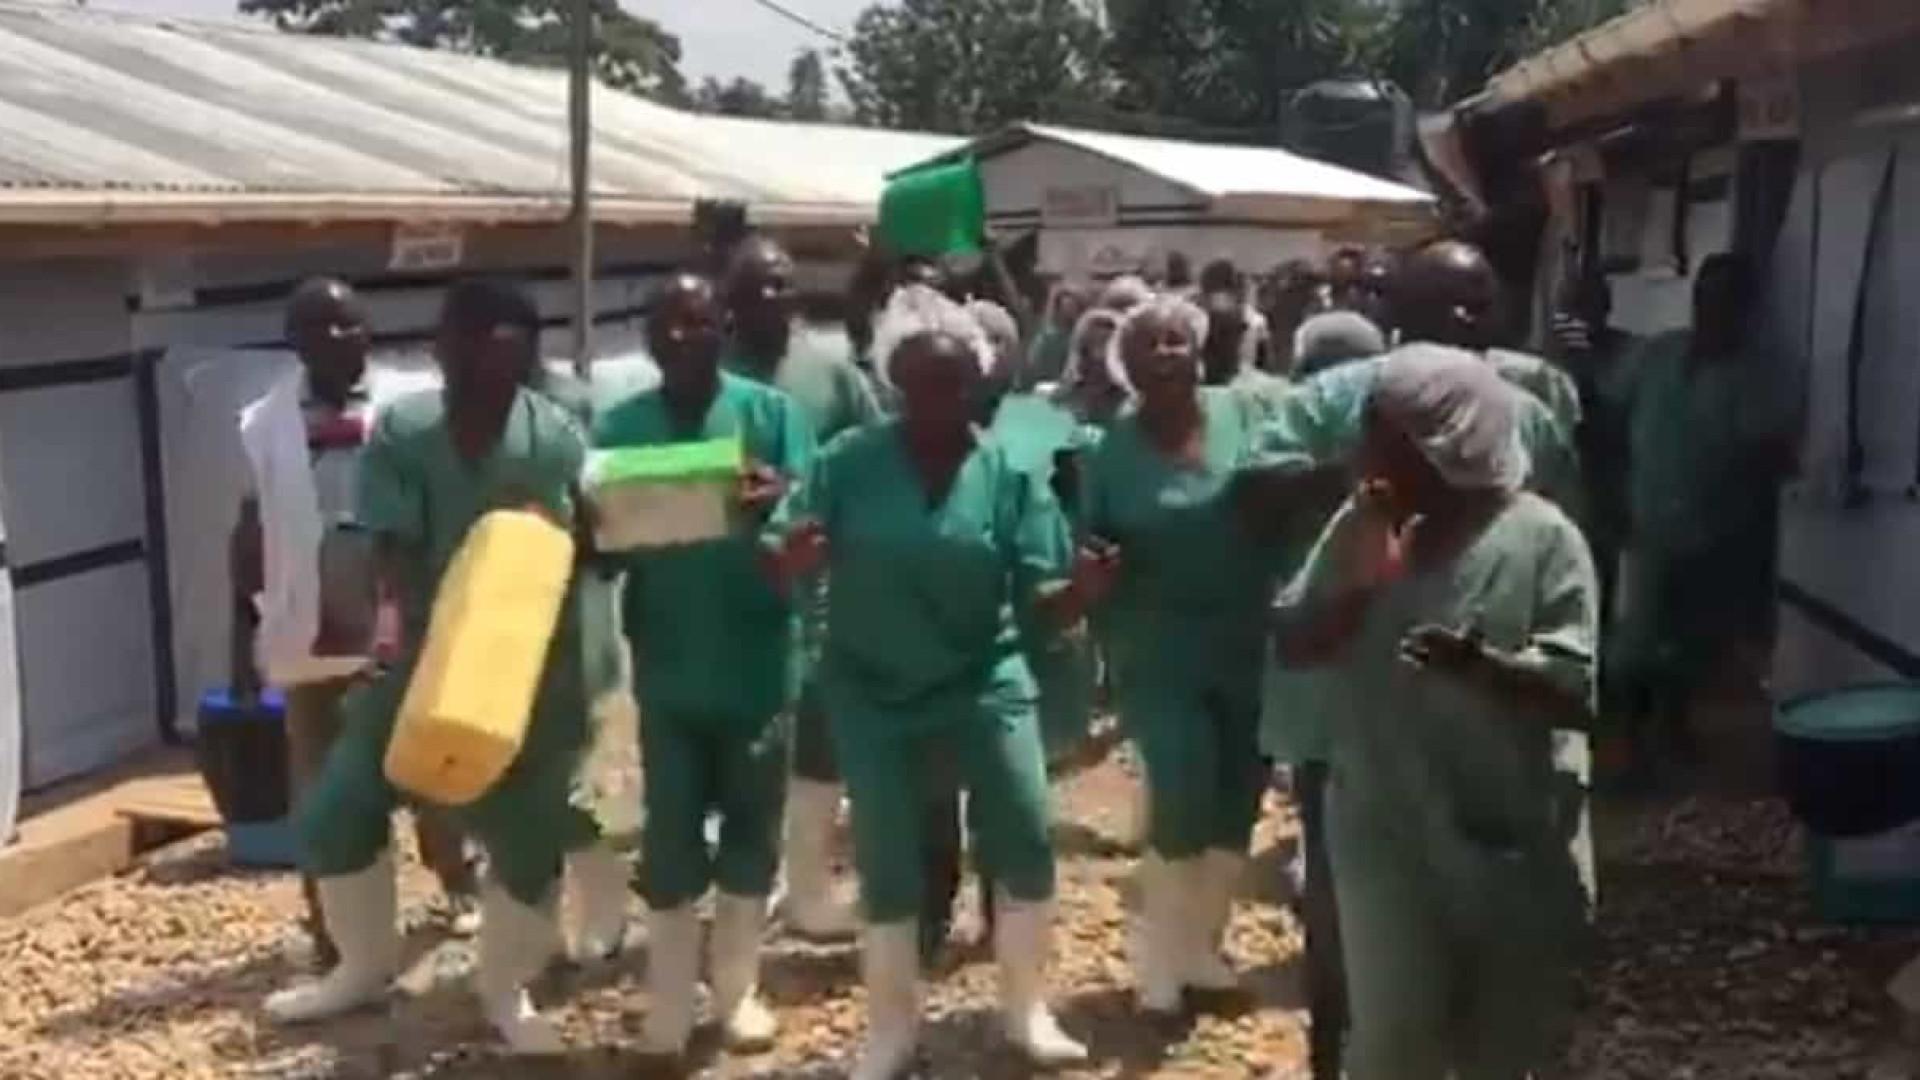 Congo: Último paciente com ébola teve alta. Eis os festejos dos médicos